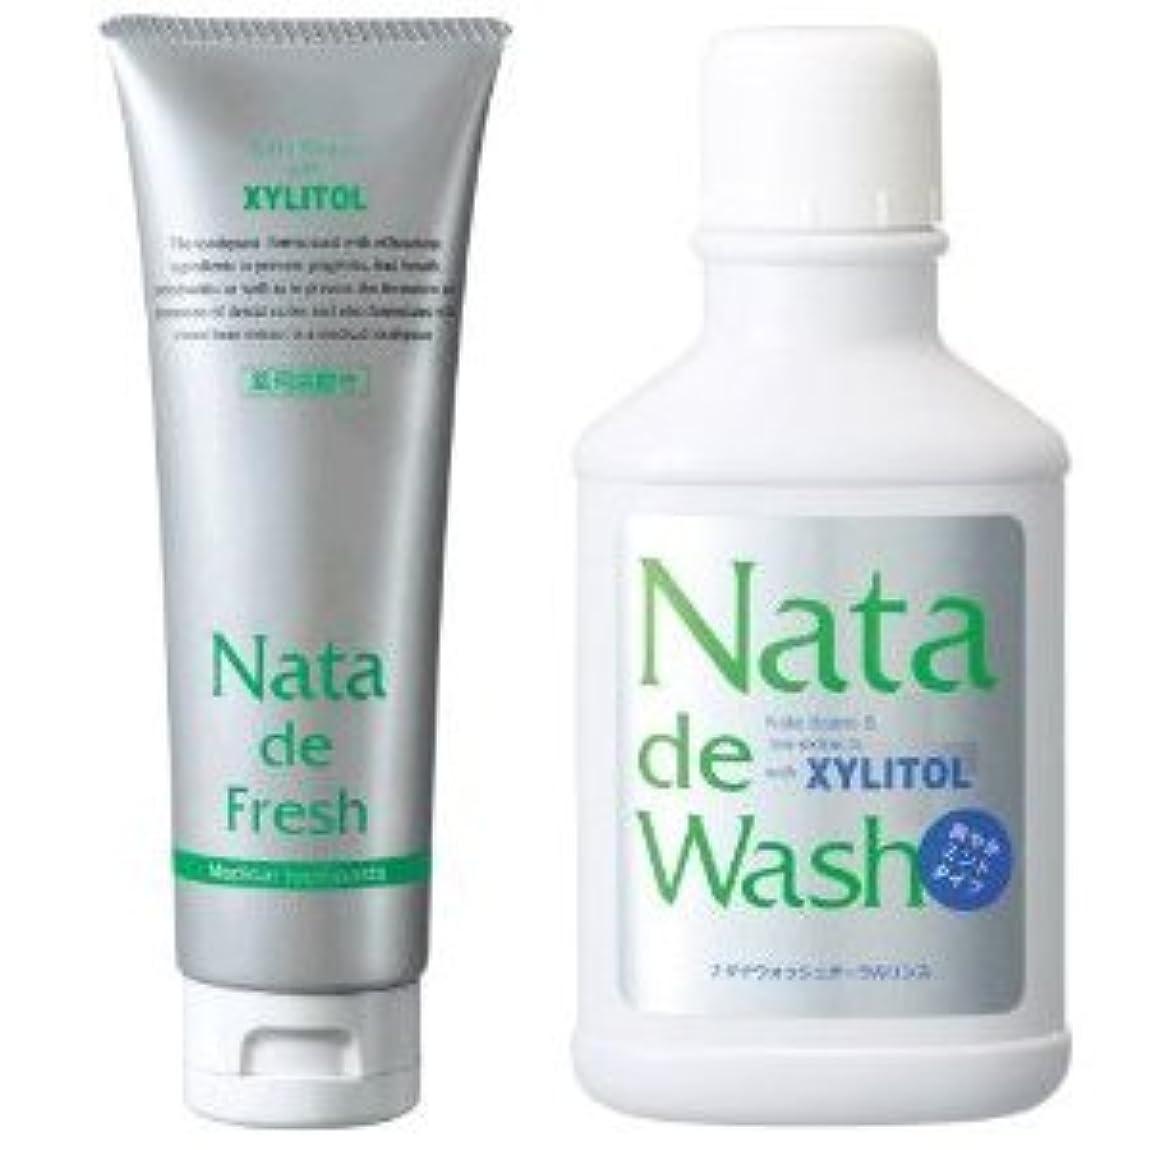 判定寸法表現ナタデウォッシュ 口内環境セット 歯磨き+マウスウォッシュ バラデフレッシュ+バラデウォッシュ